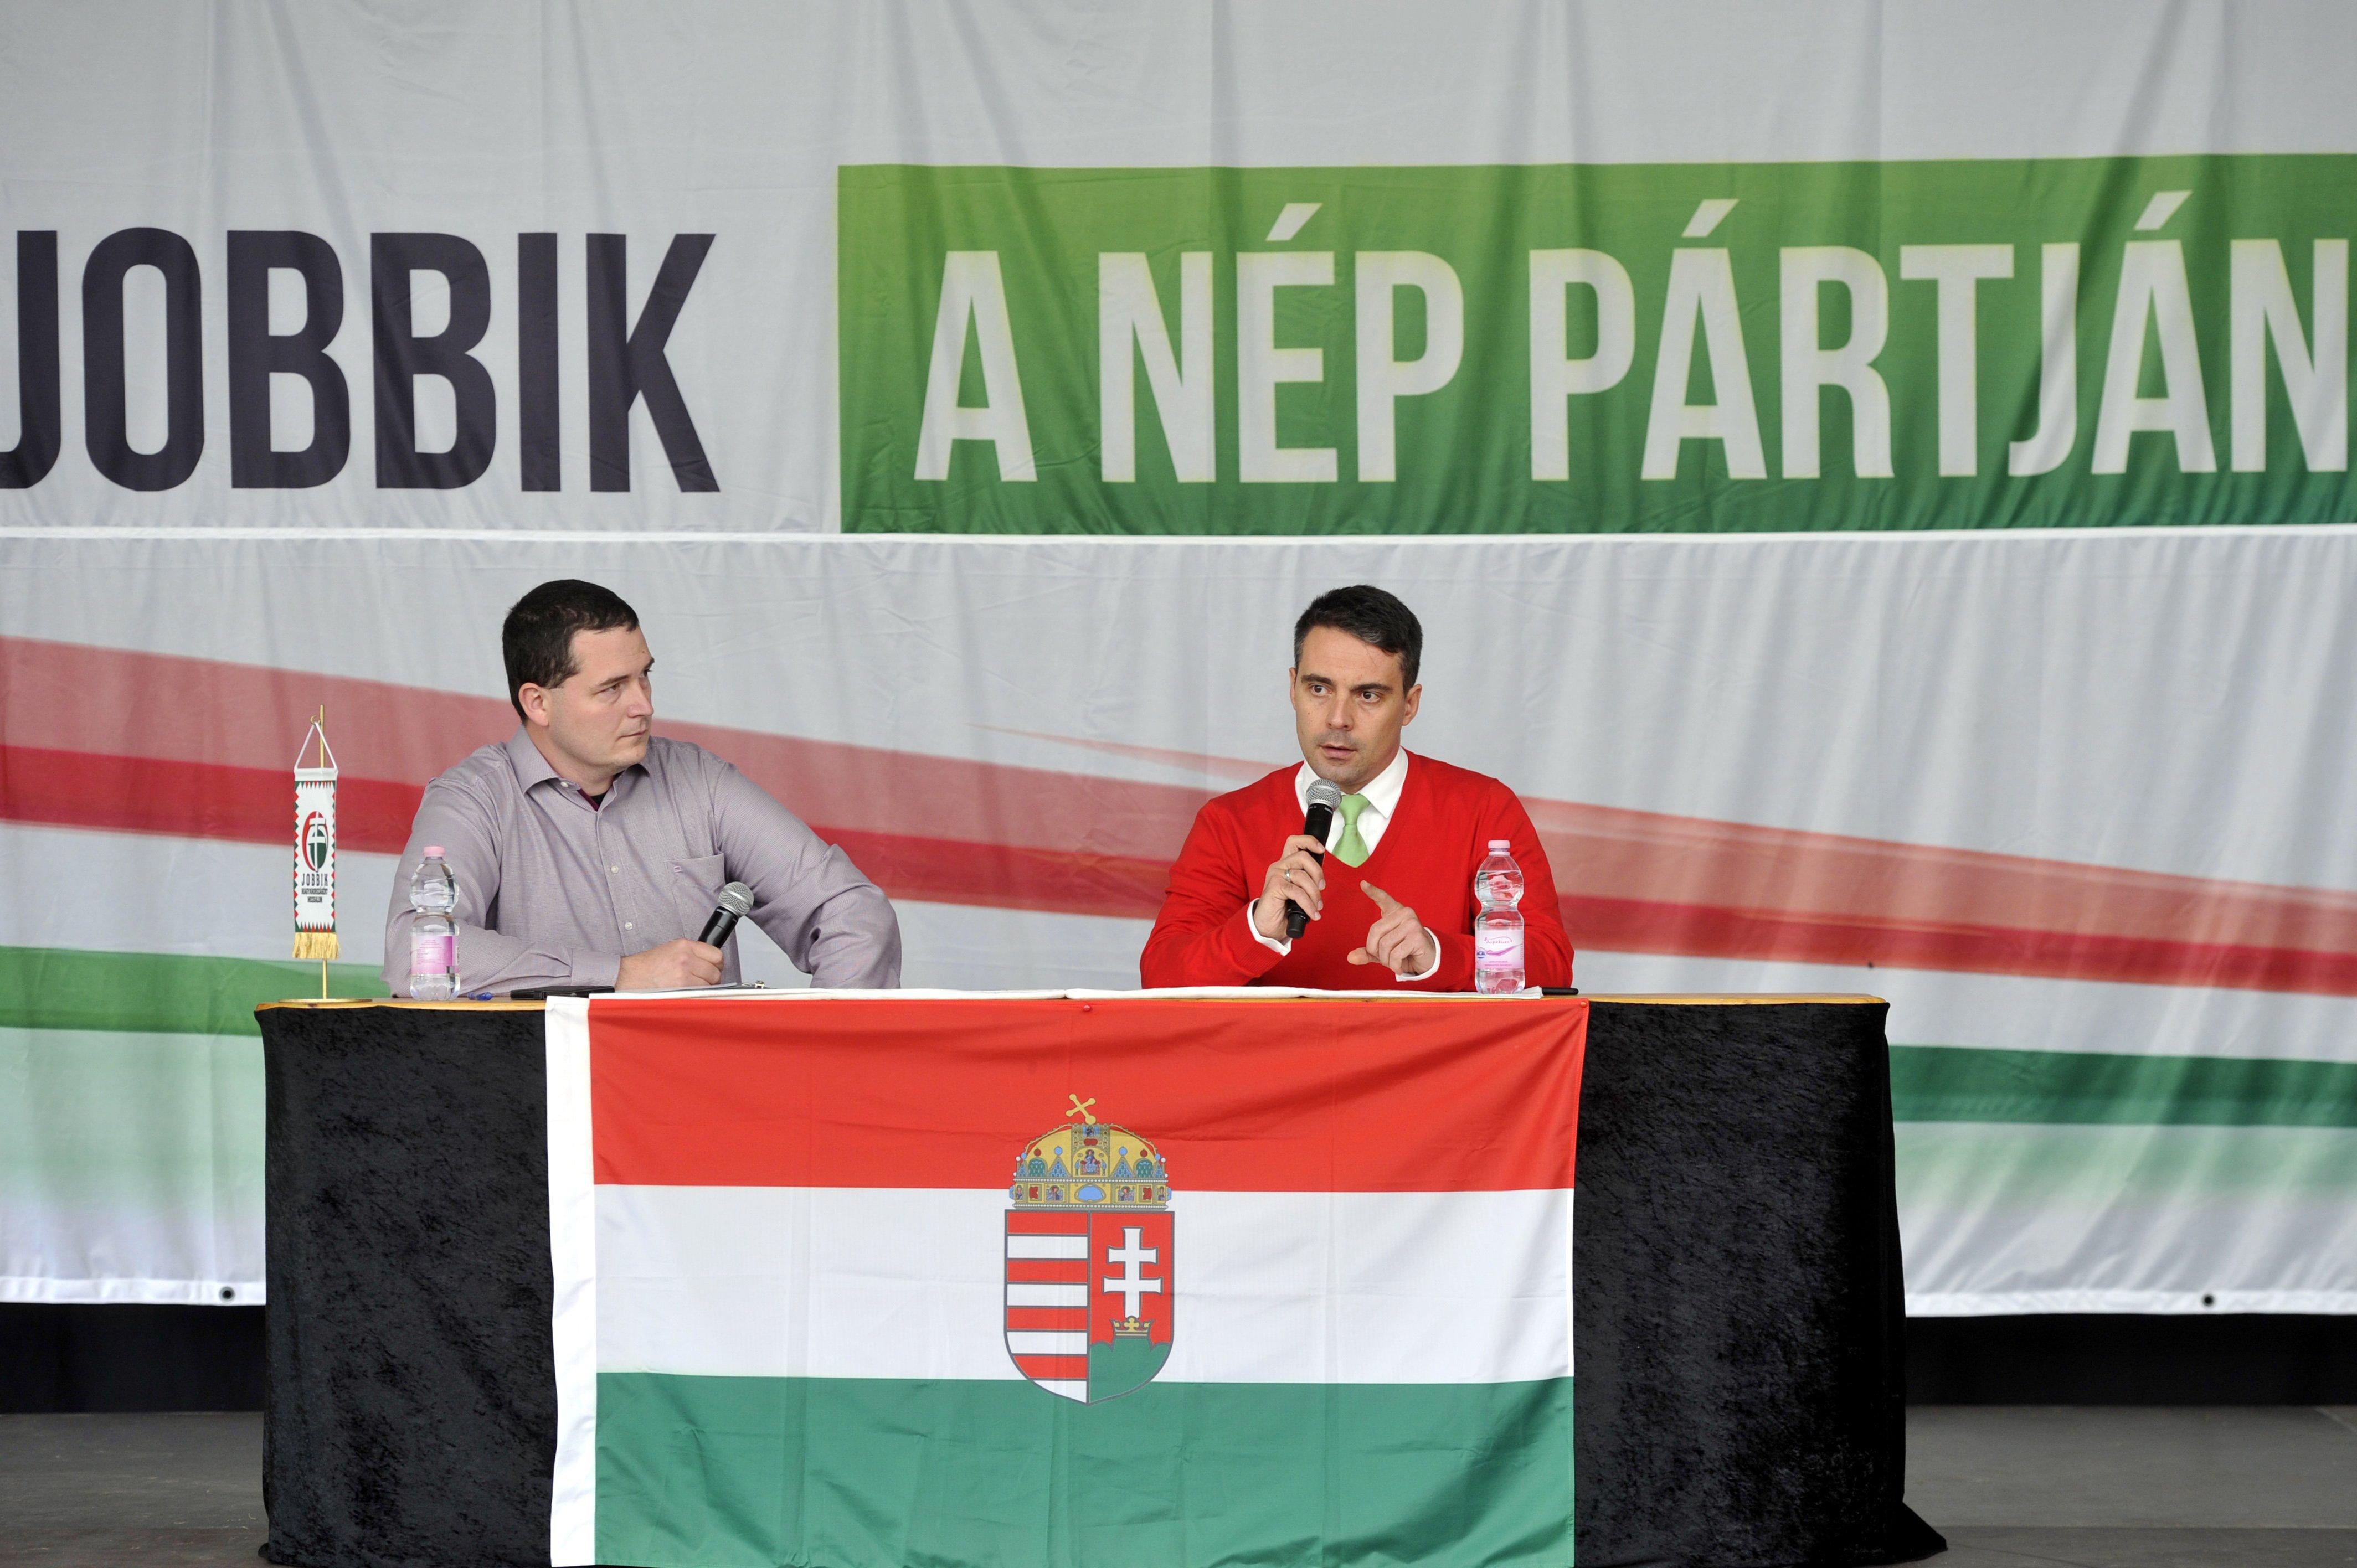 Vona szabadabb Magyarországot építene